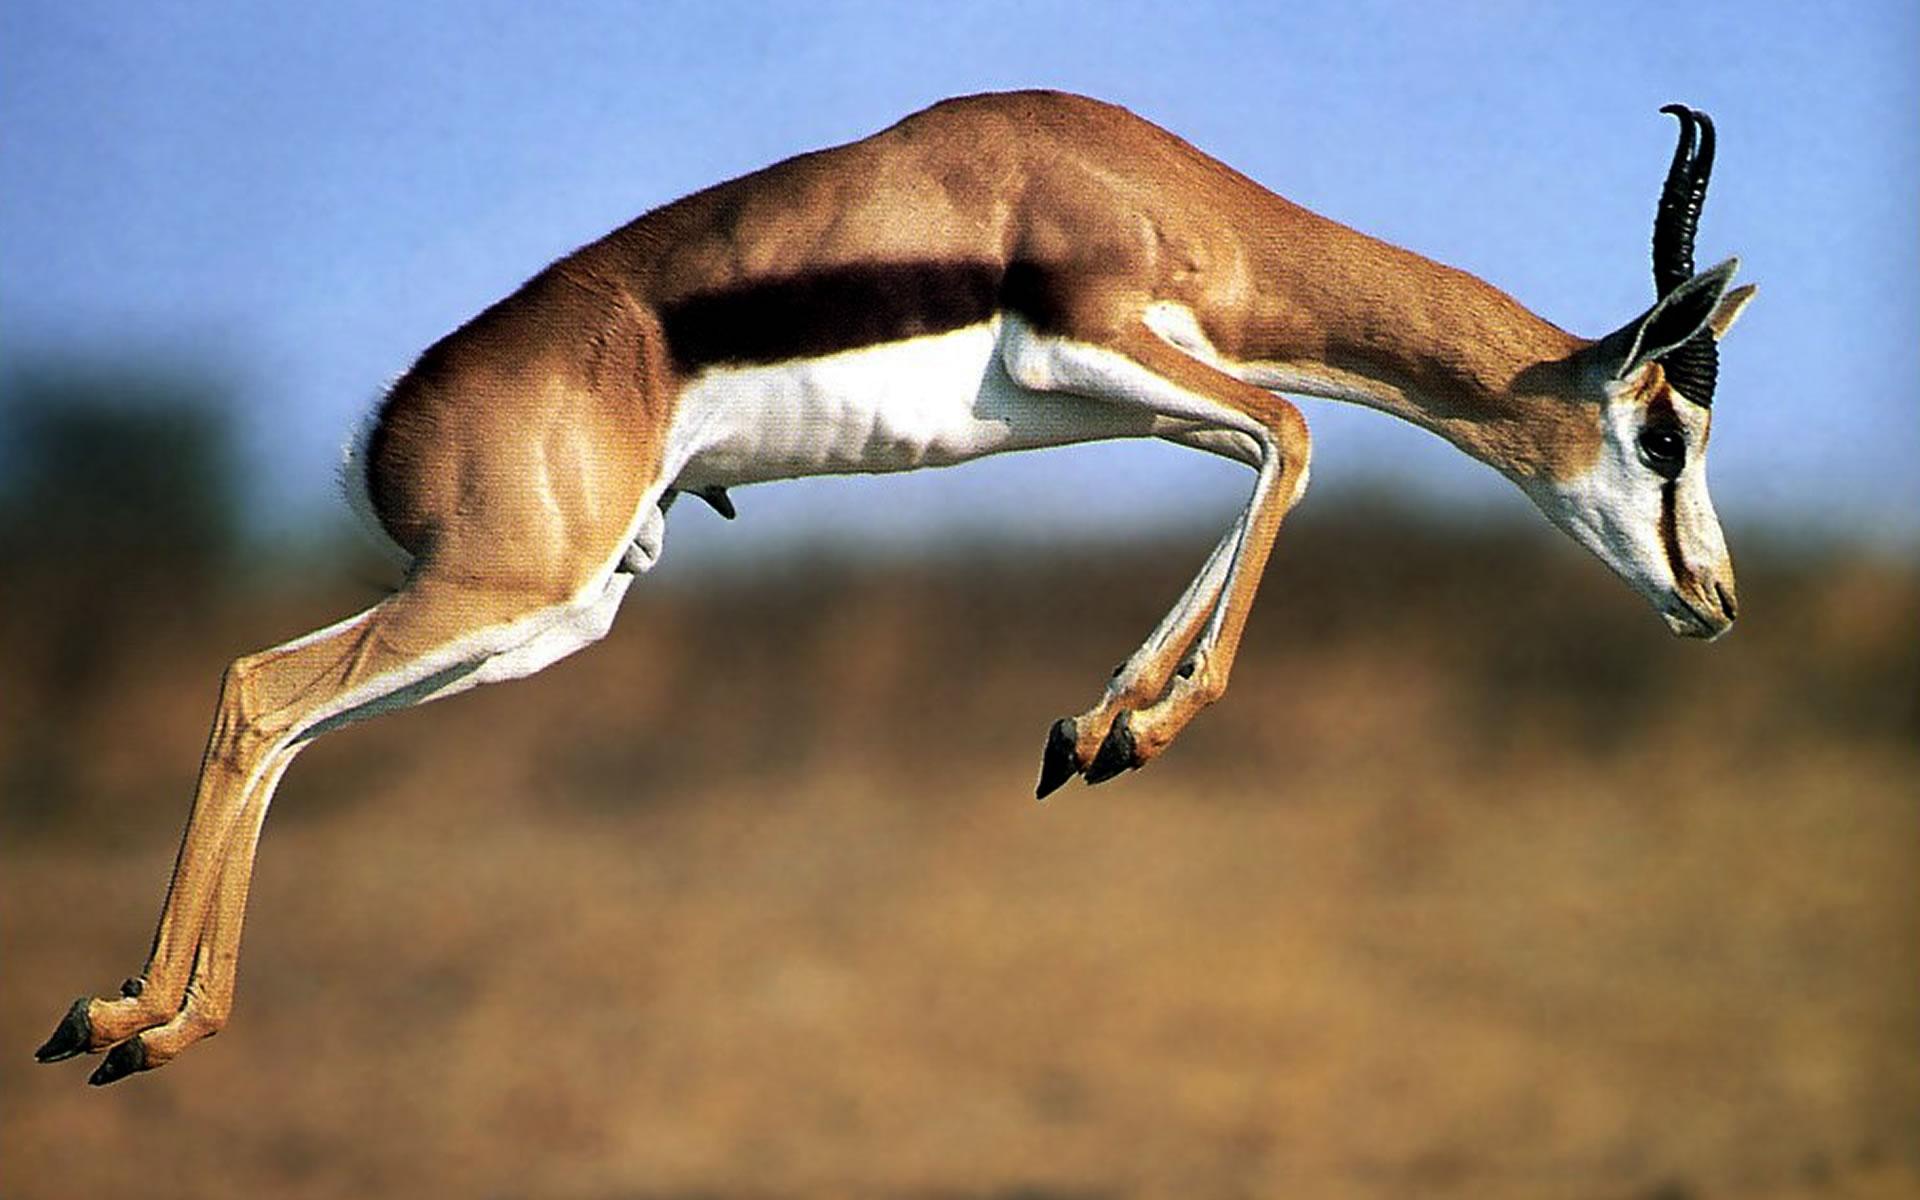 Thomson gazelle 1